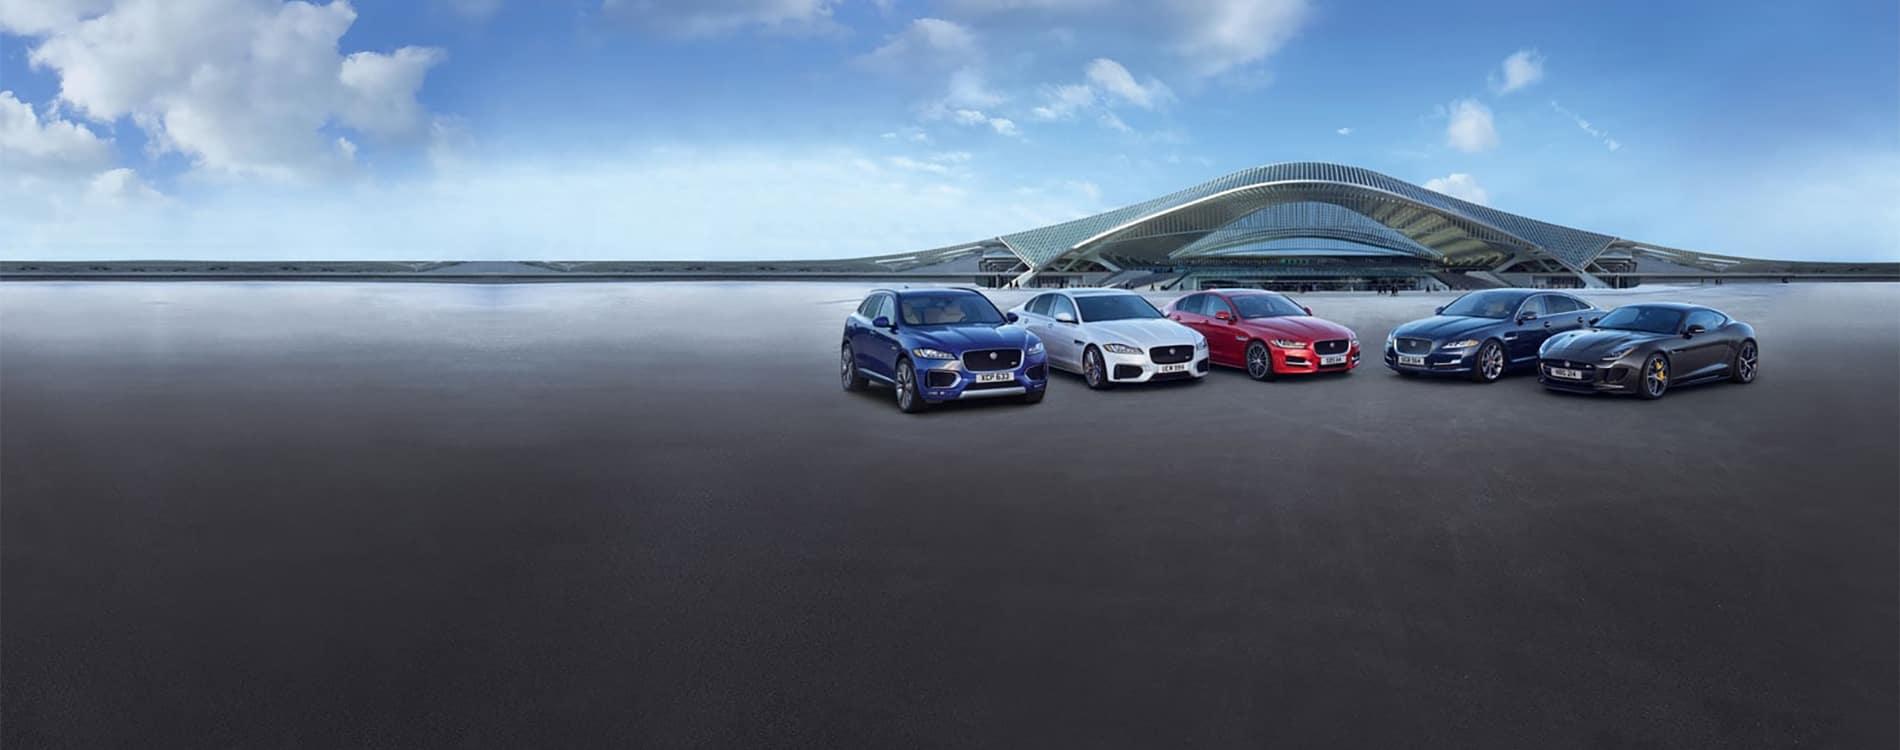 Jaguar Models 750